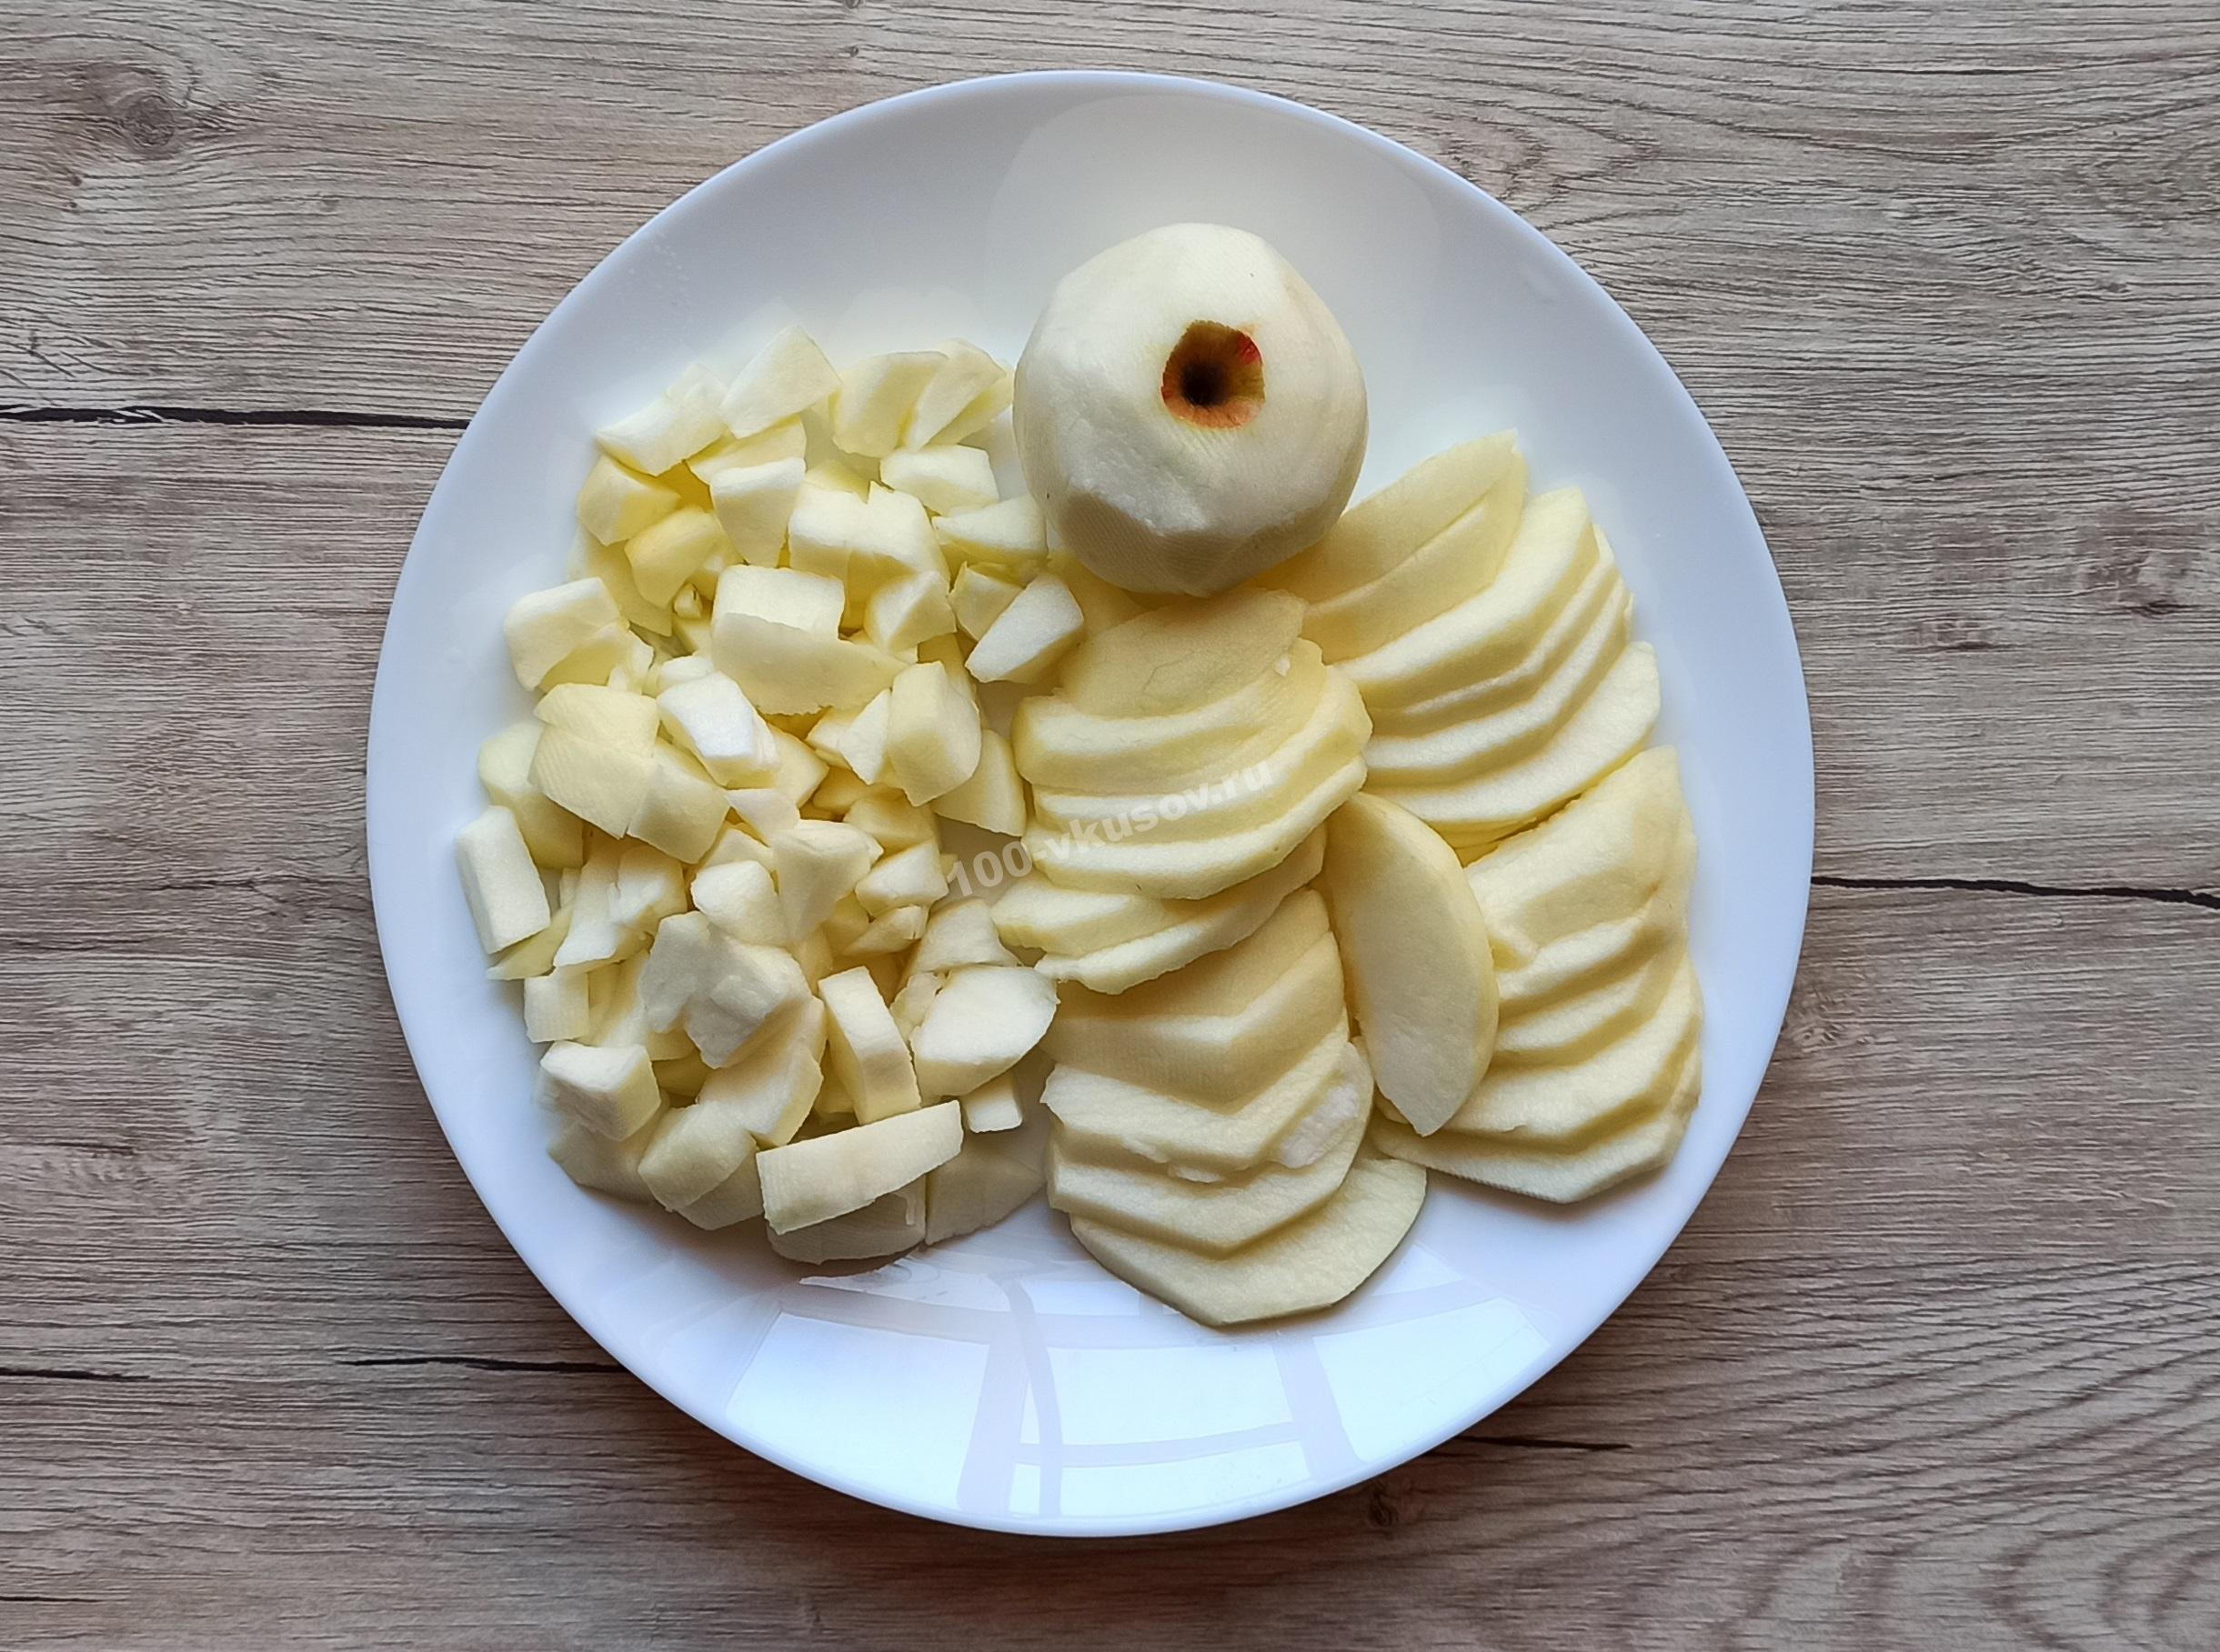 Очищенные и измельченные яблоки